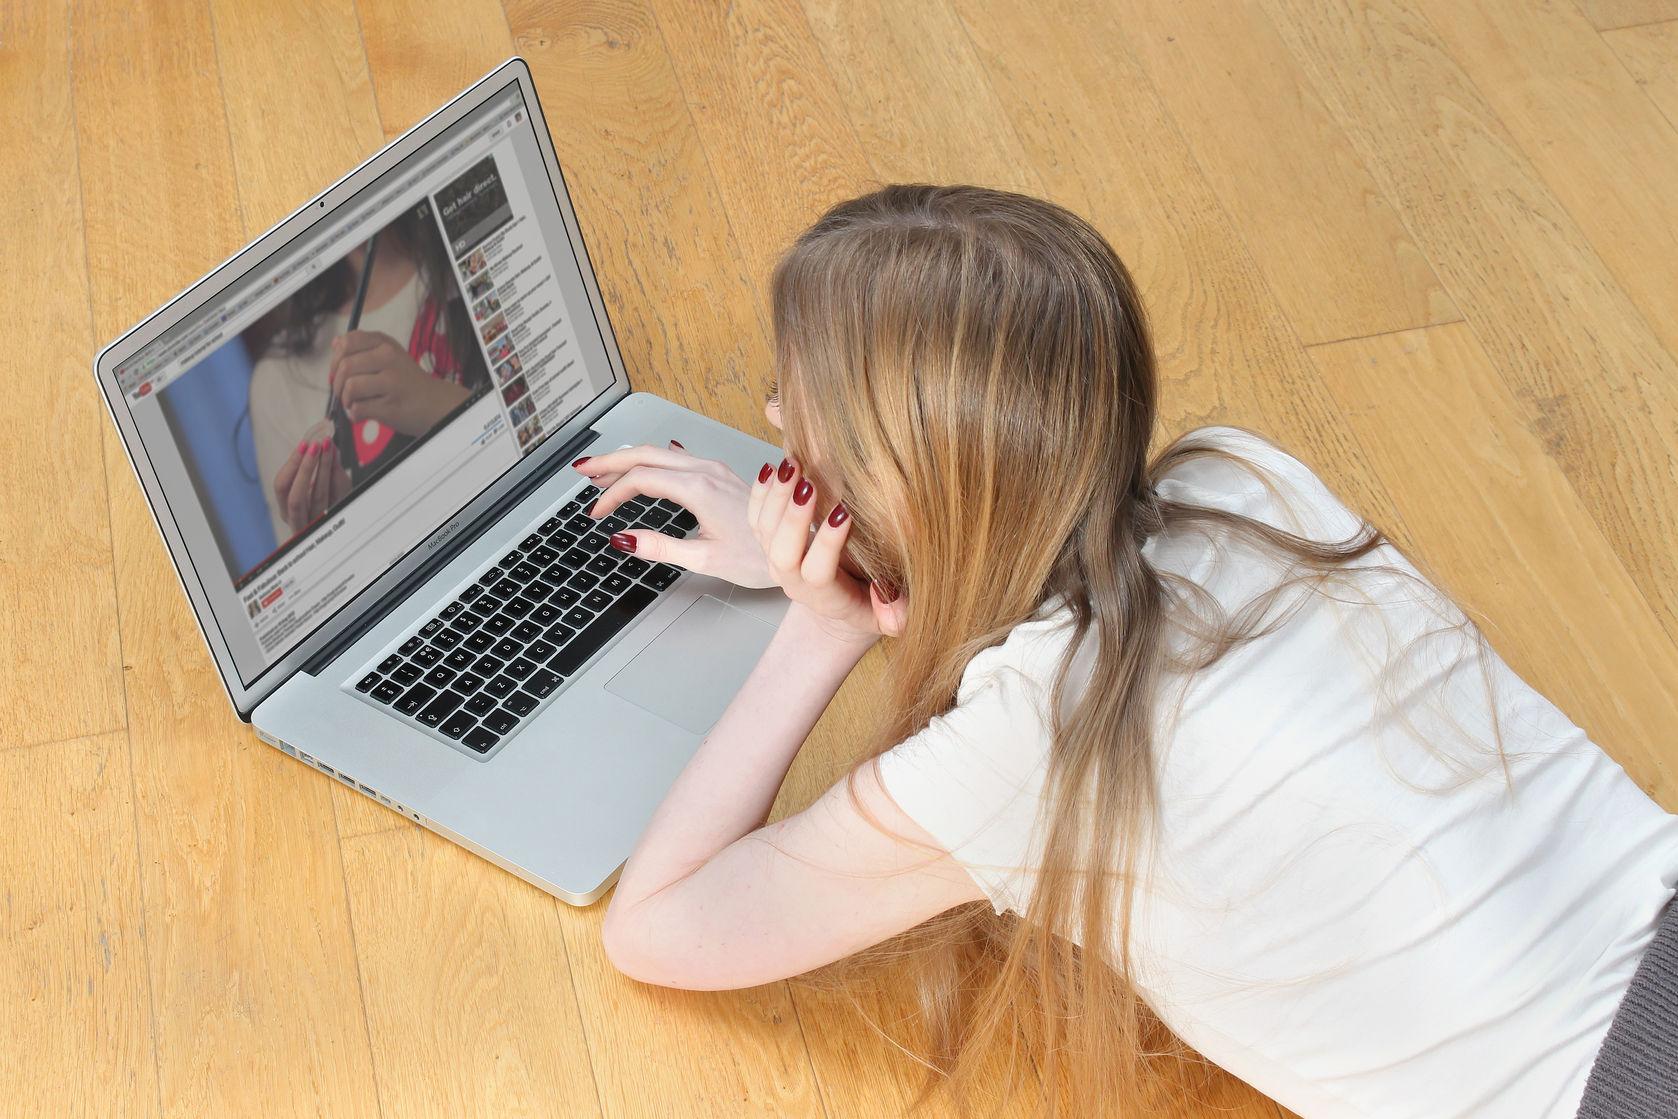 Crecimiento de la inversión publicitaria en Youtube